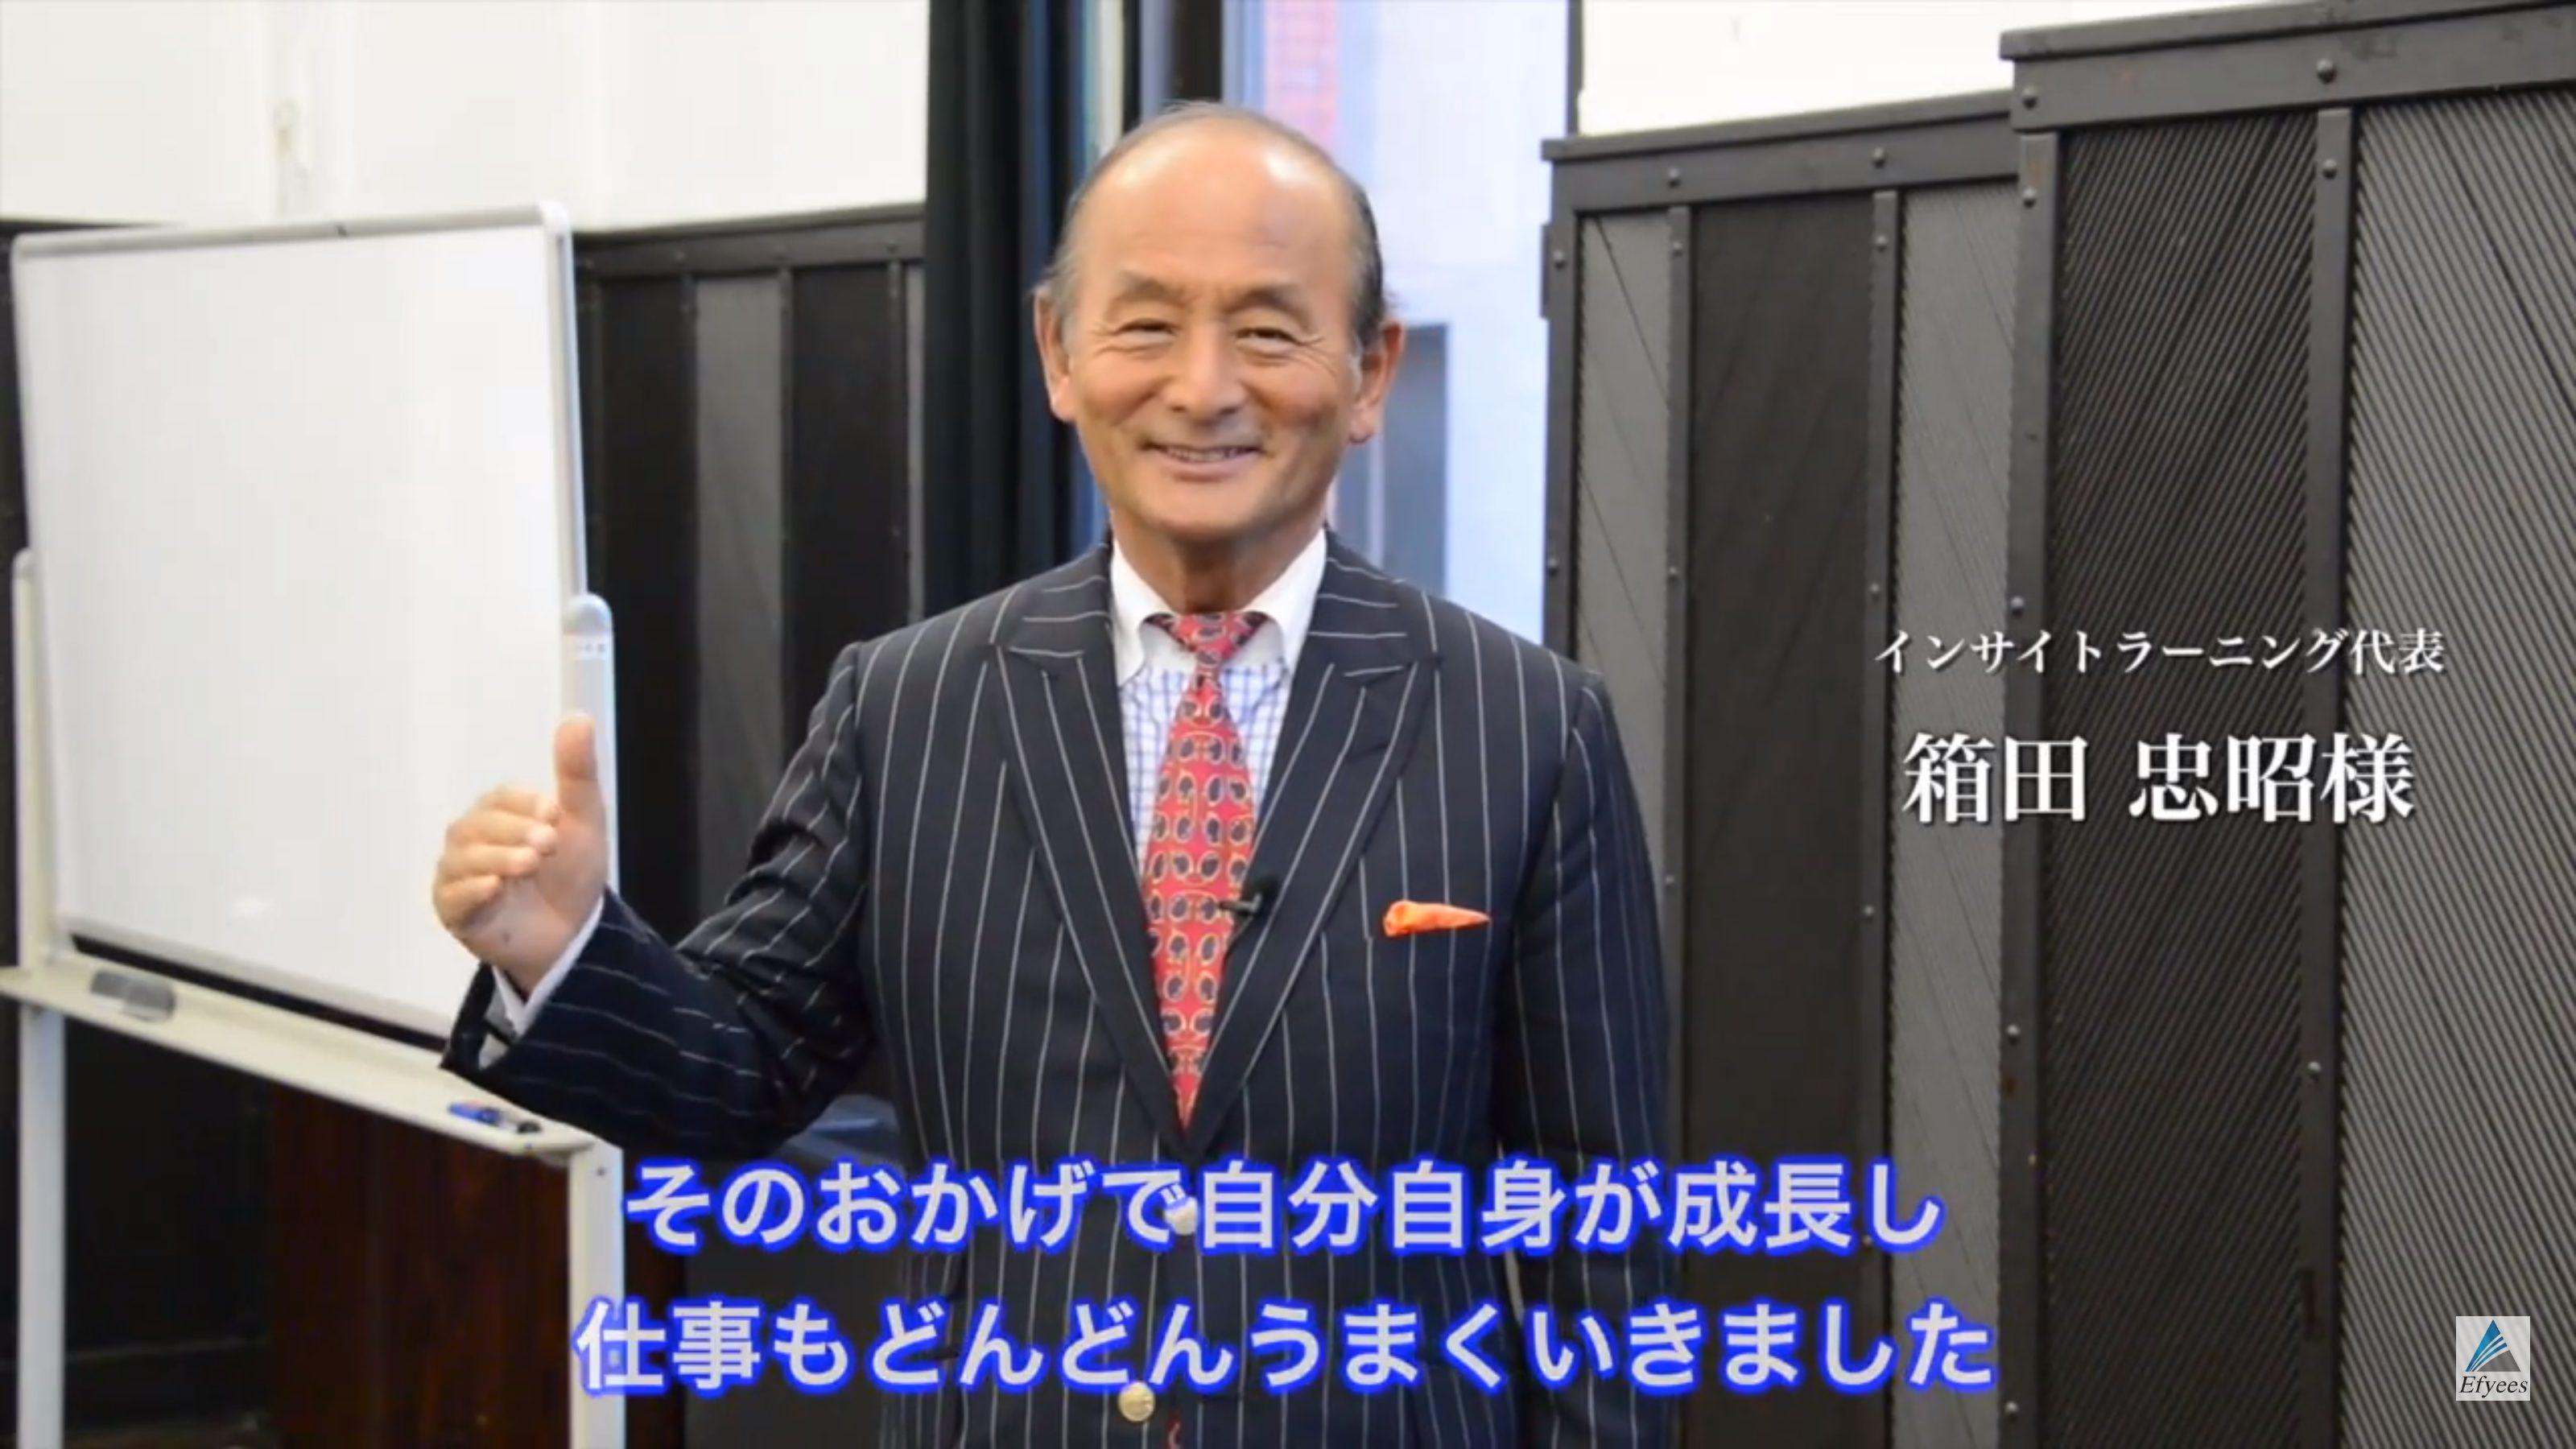 推薦者の声 箱田忠明 様